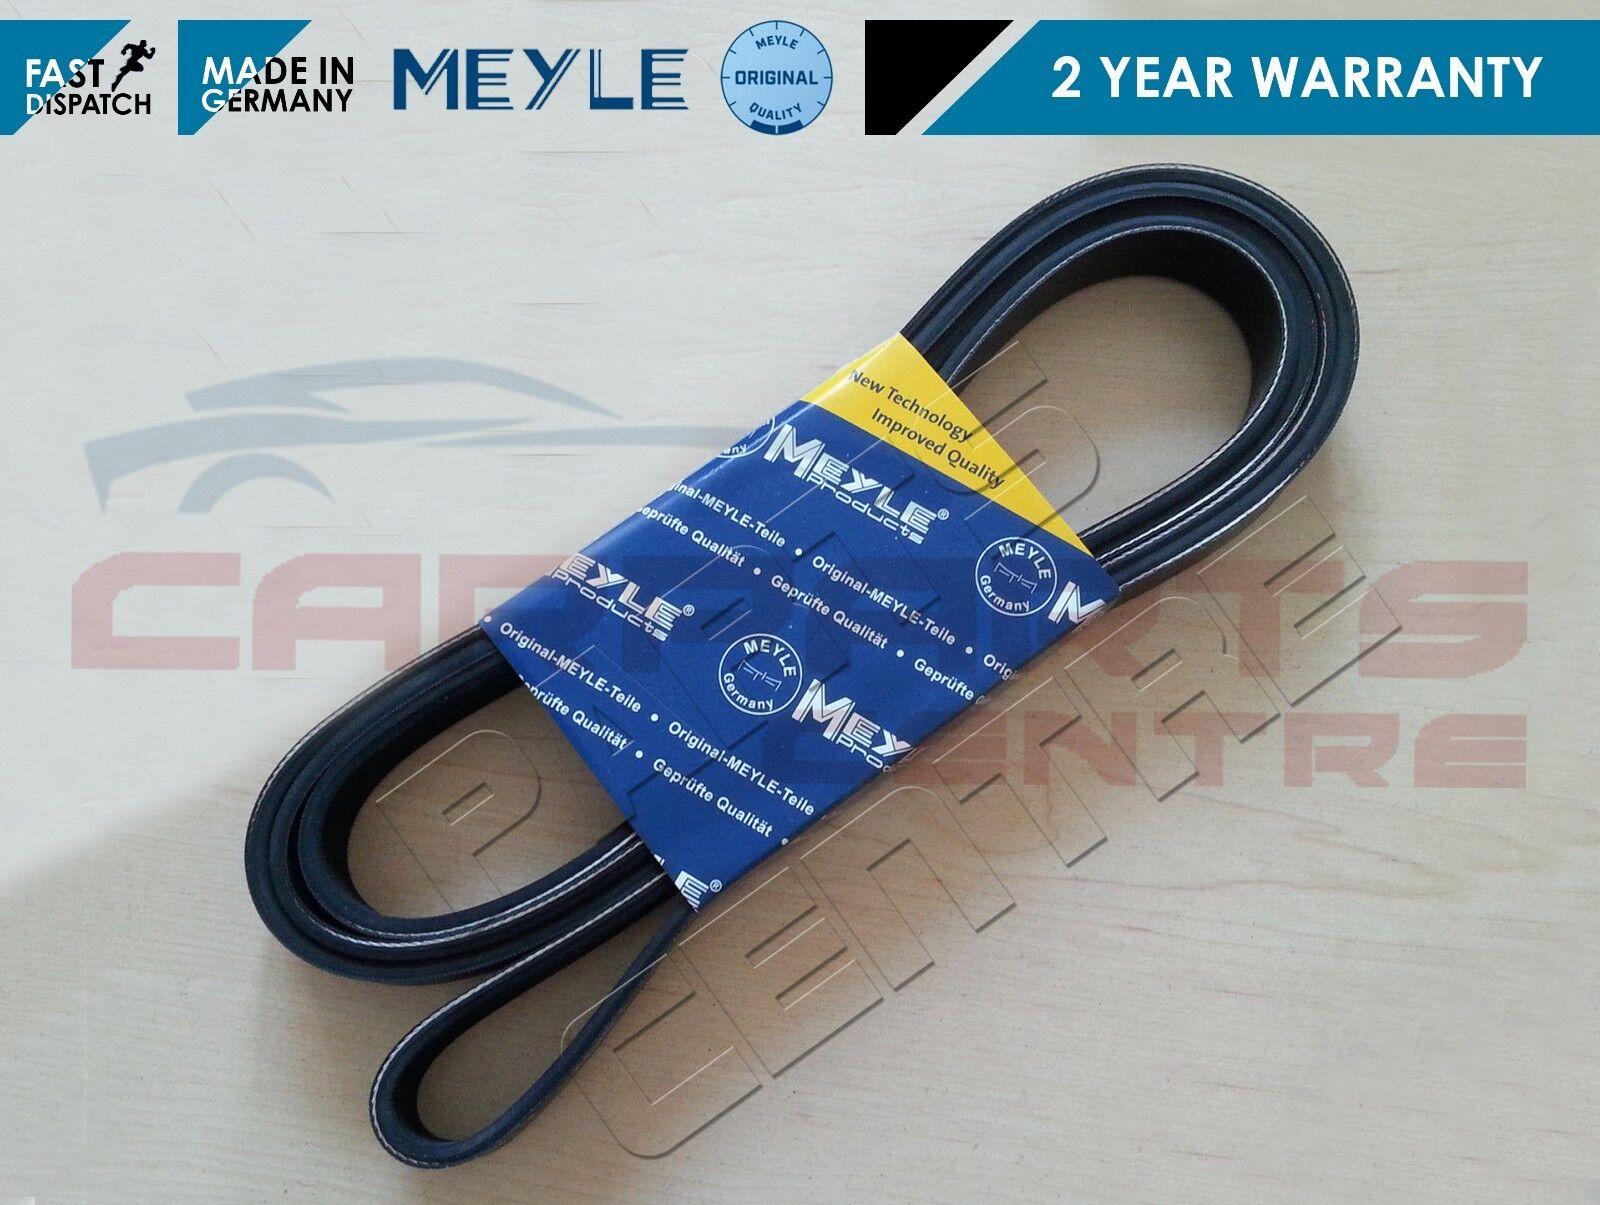 Auxiliaire ventilateur alternateur courroie kit renault megane ii 1.4 1.6 oe